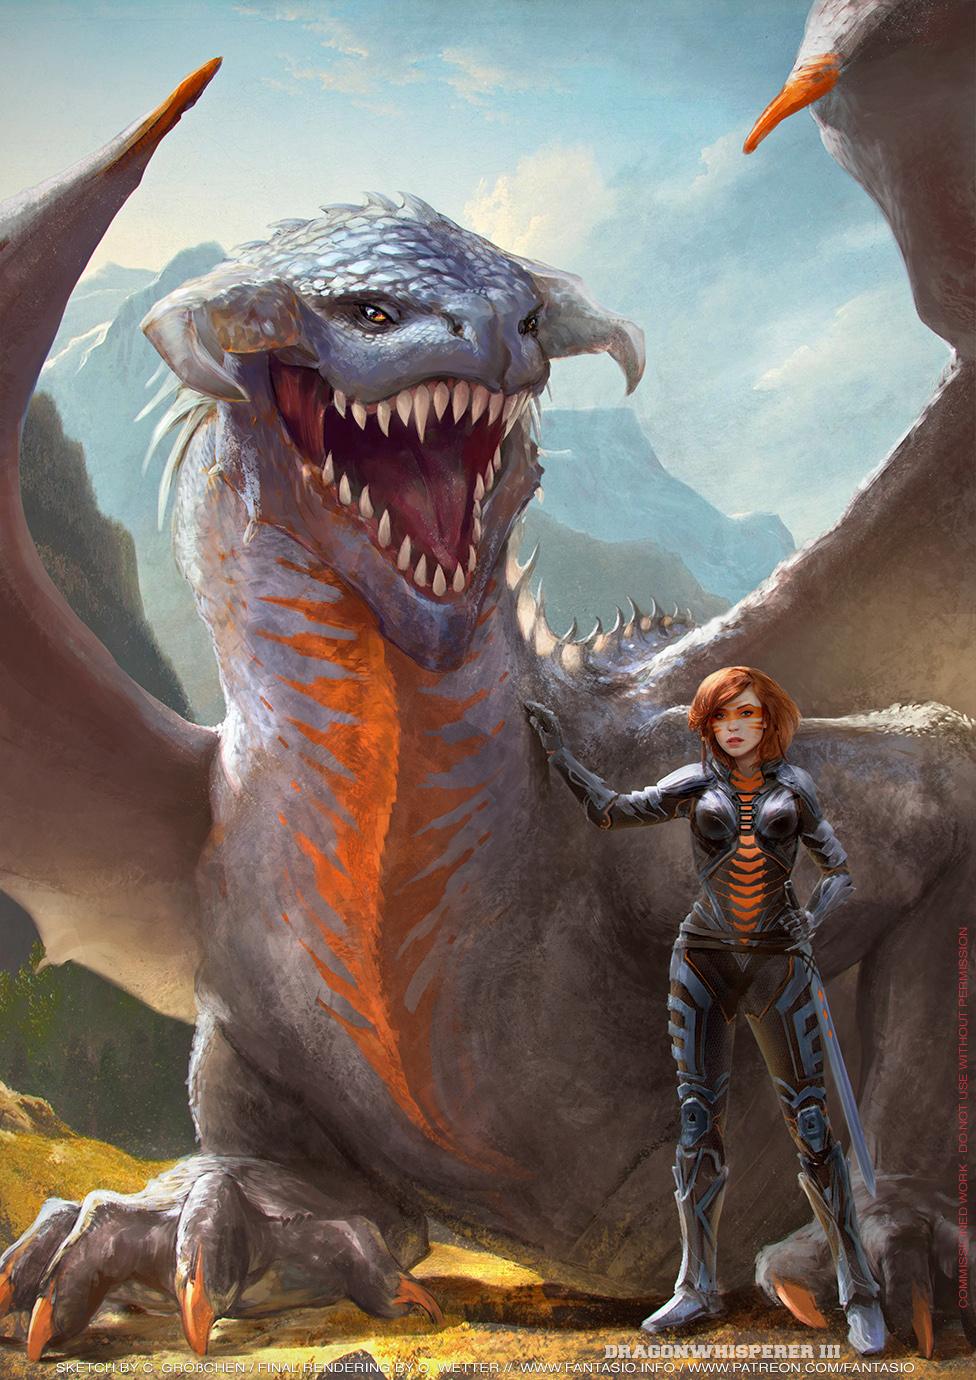 Fantasio dragonwhisperer iii 1 1db16a5f tbzg